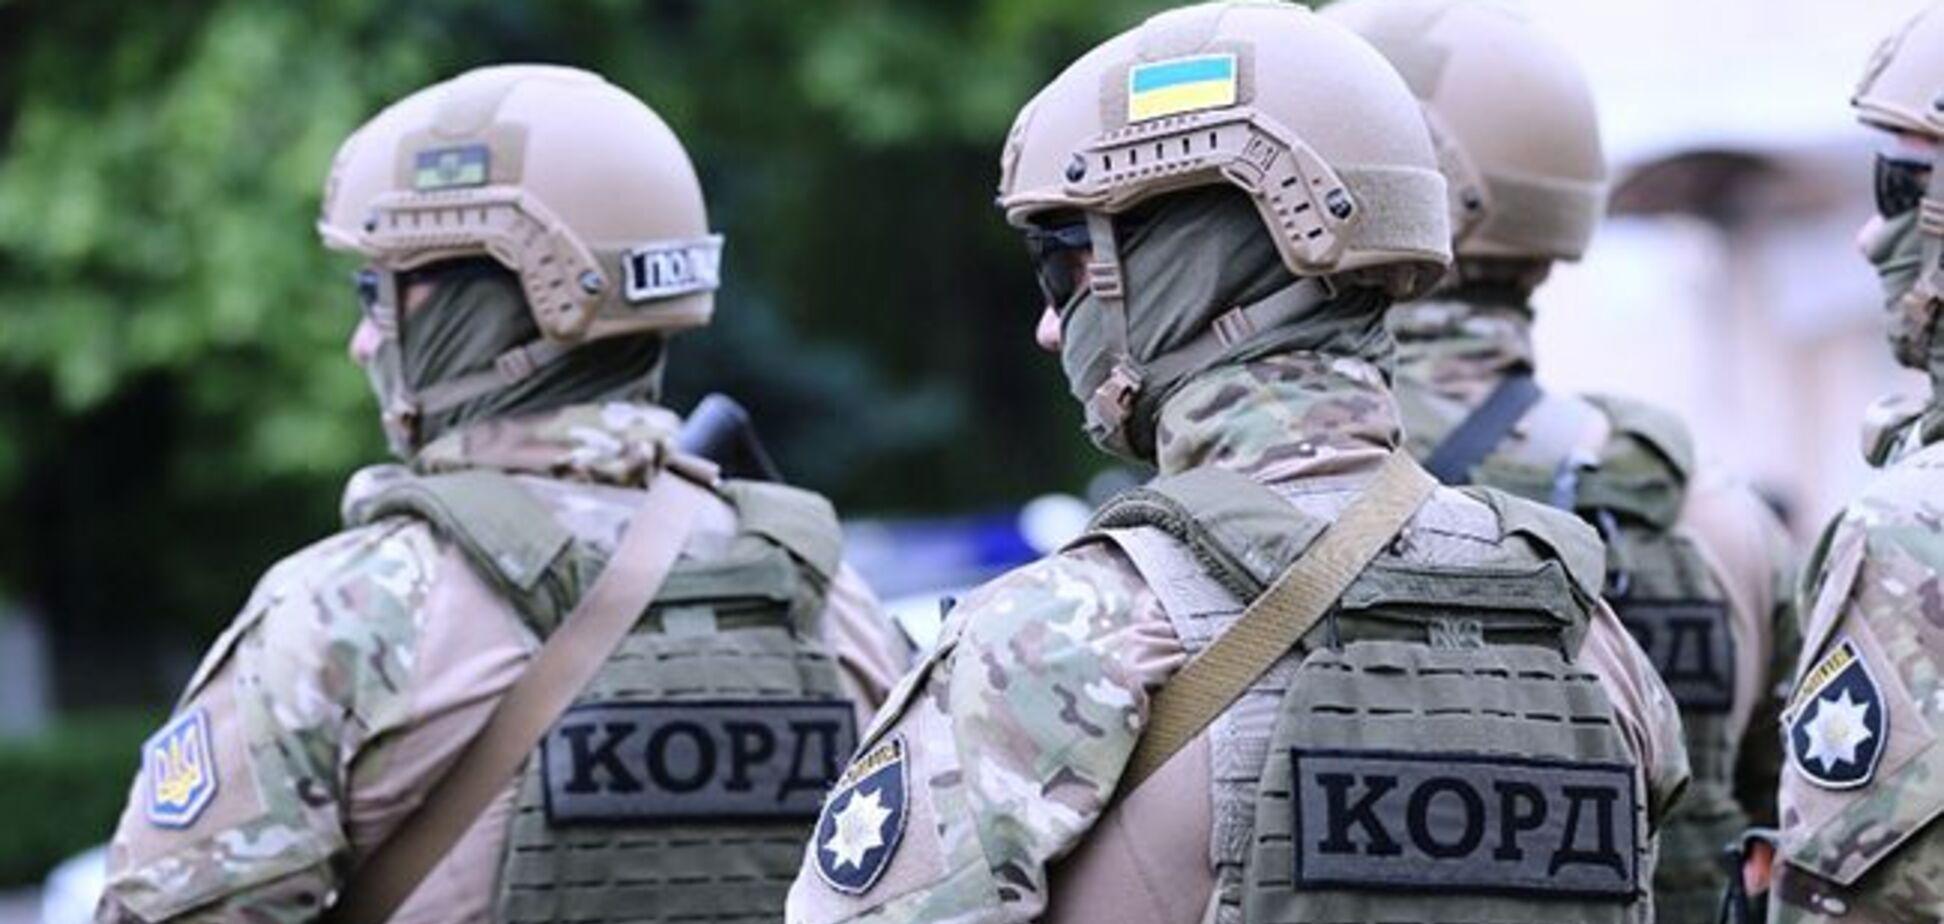 На Київщині 'неадекват' зі зброєю влаштував переполох. Ілюстрація